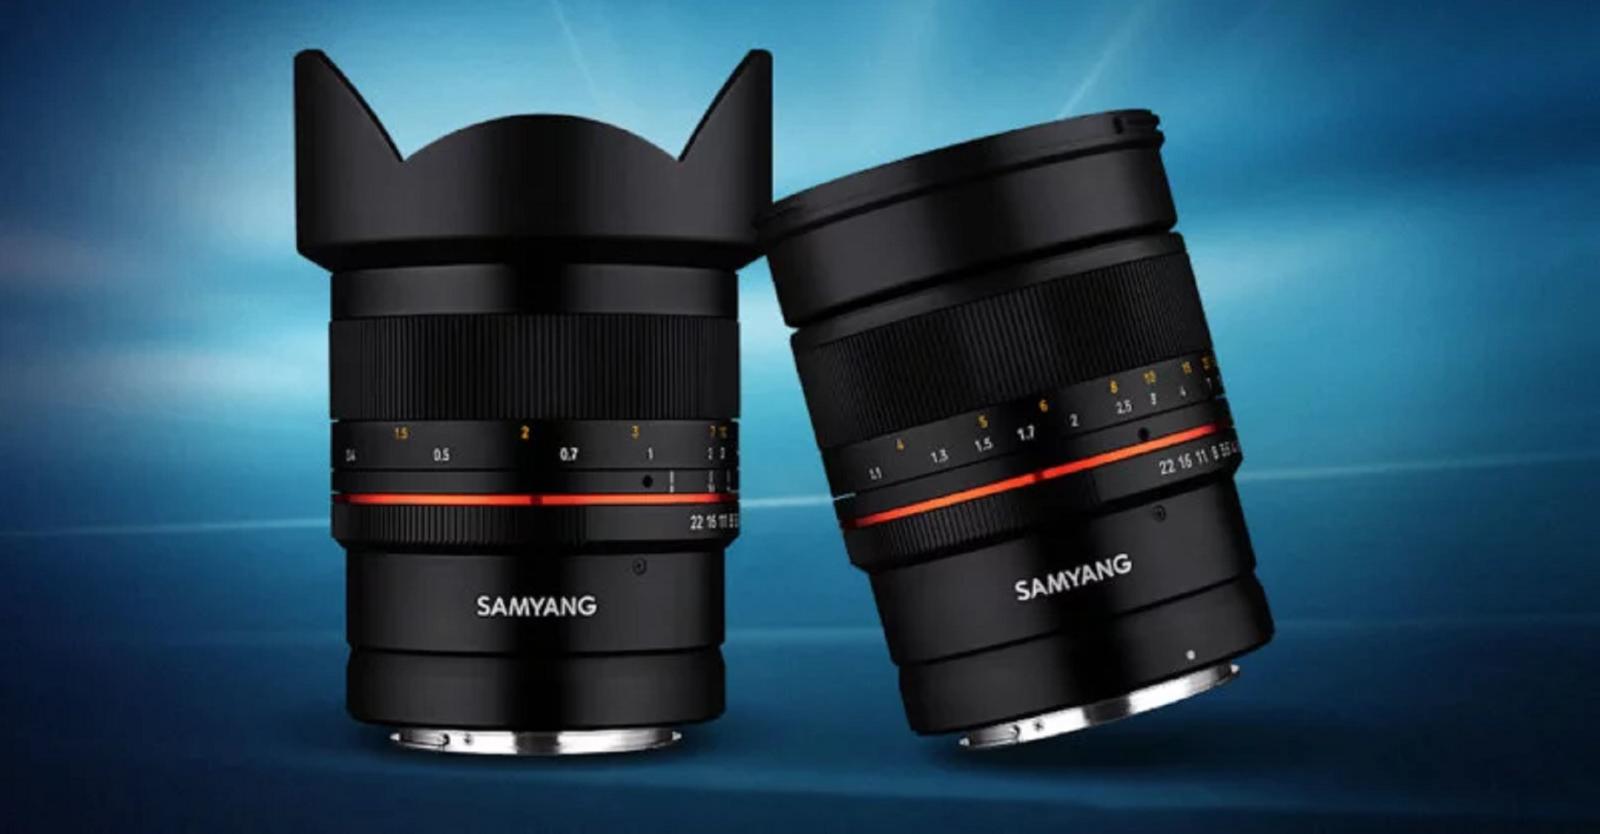 Samyangcông bố bộ đôiống kính MF 14mm f/2.8 RF và MF 85mm f/1.4 RF cho ngàm Canon RF